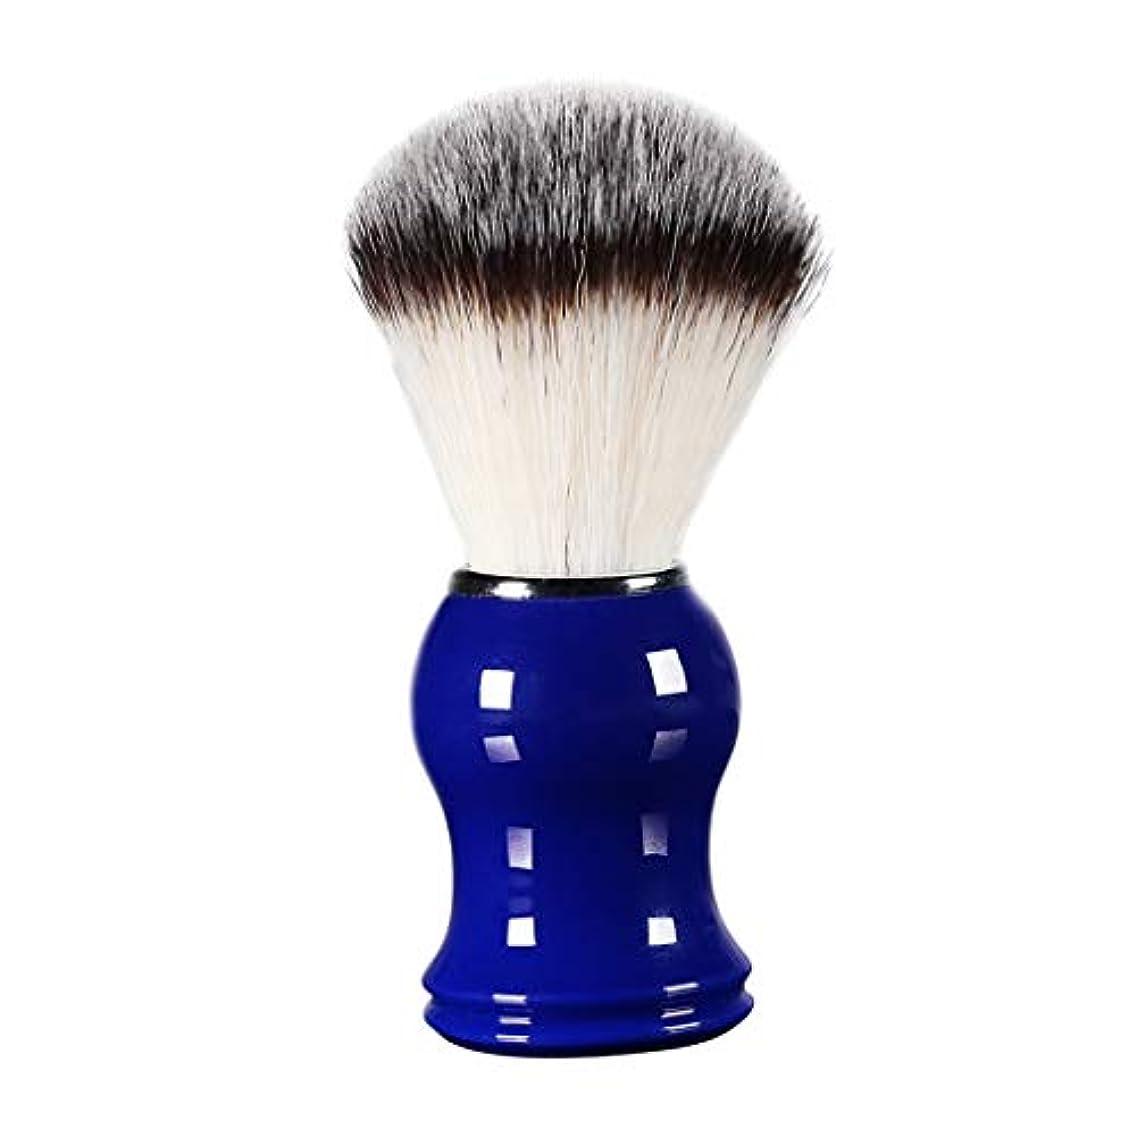 他の場所パイロットかんがい床屋 サロン 髭剃り シェービングブラシ メンズ 泡立ち 洗顔 理容 約11cm